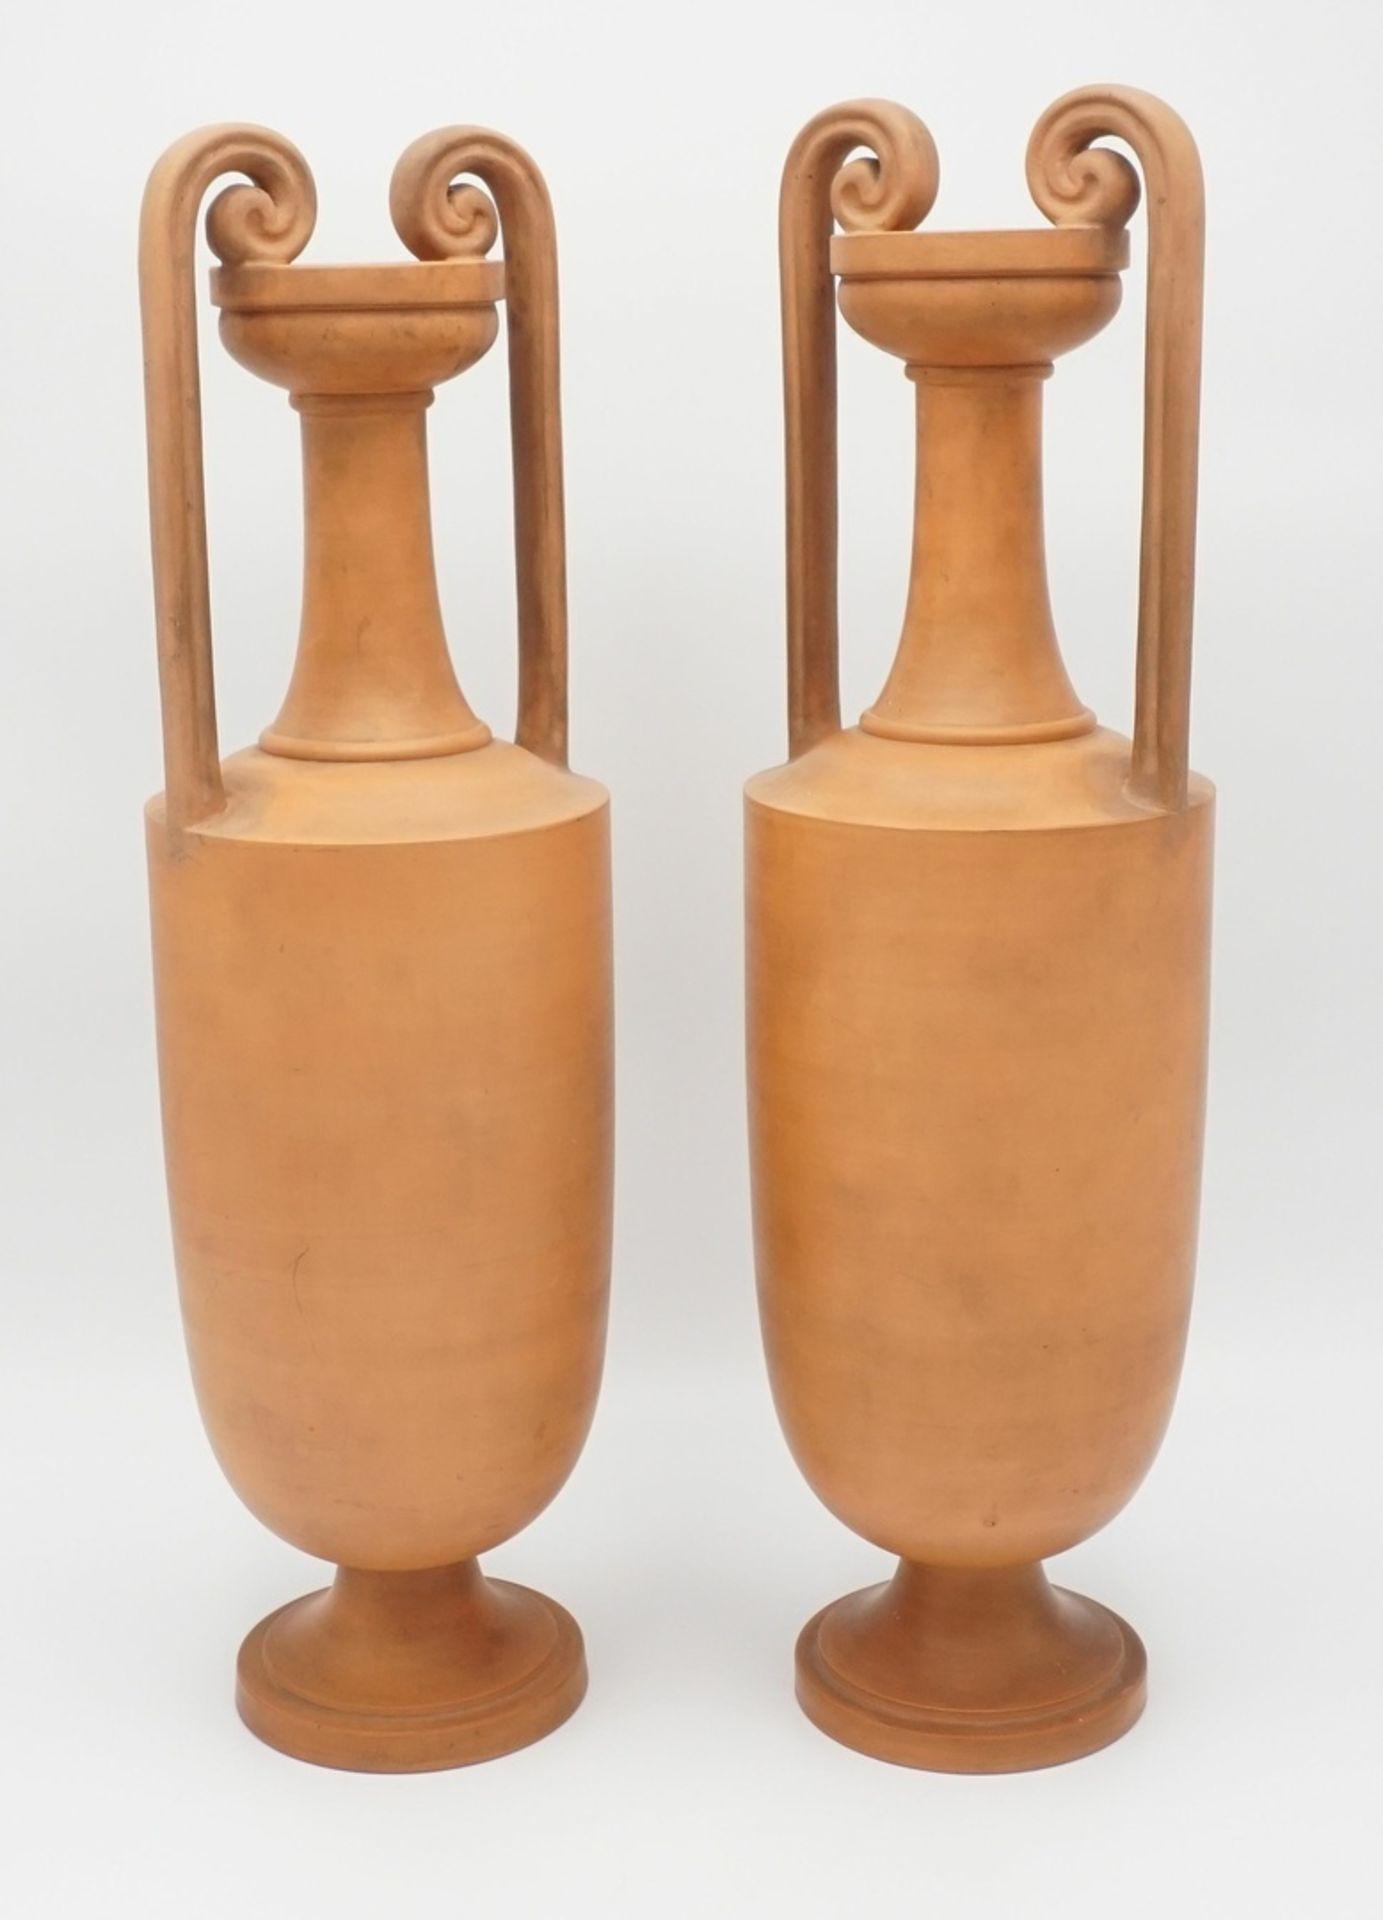 Zwei P. Ipsen´s Enke Kgl. Hof-Terracotta-Fabrik Amphorenvasen, um 1890